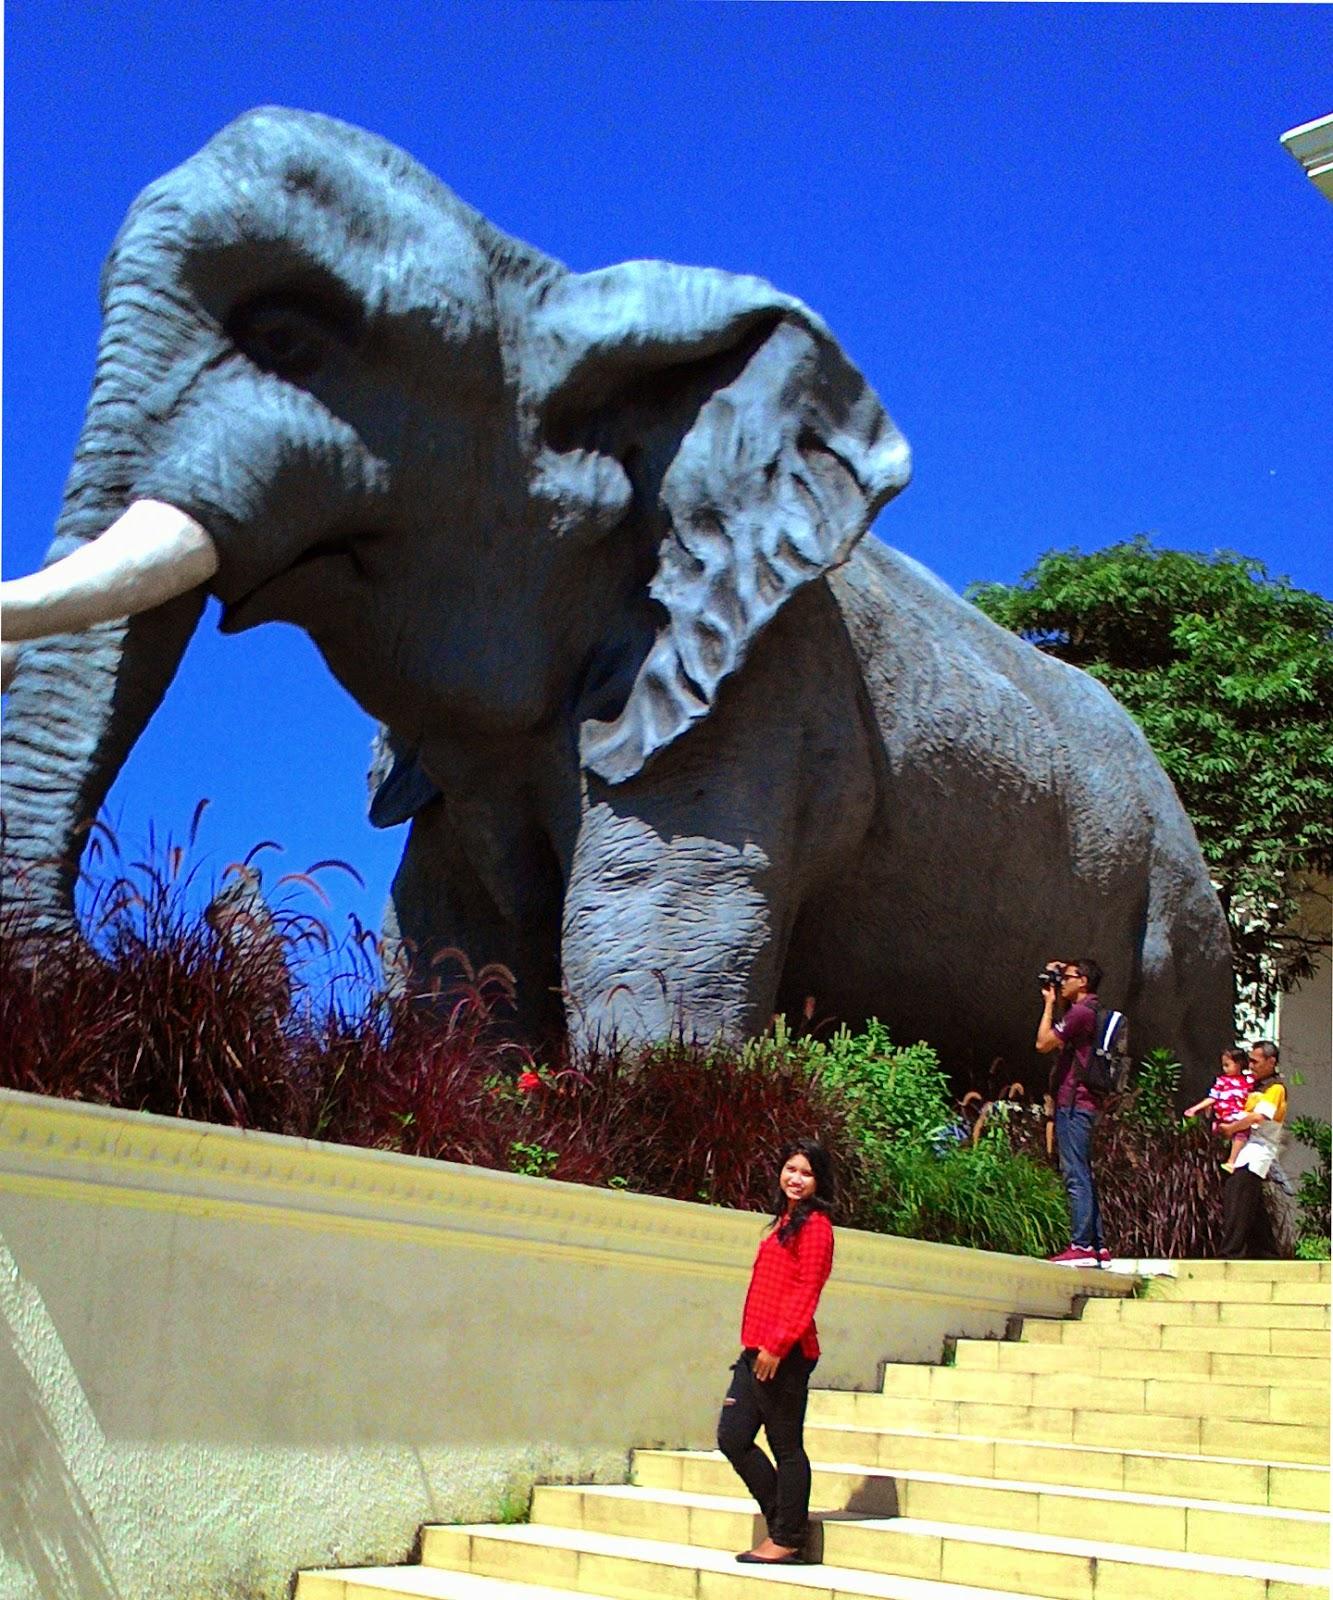 Jelajah Kota Batu Malang Jatim Park 2 Museum Angkut Waktu